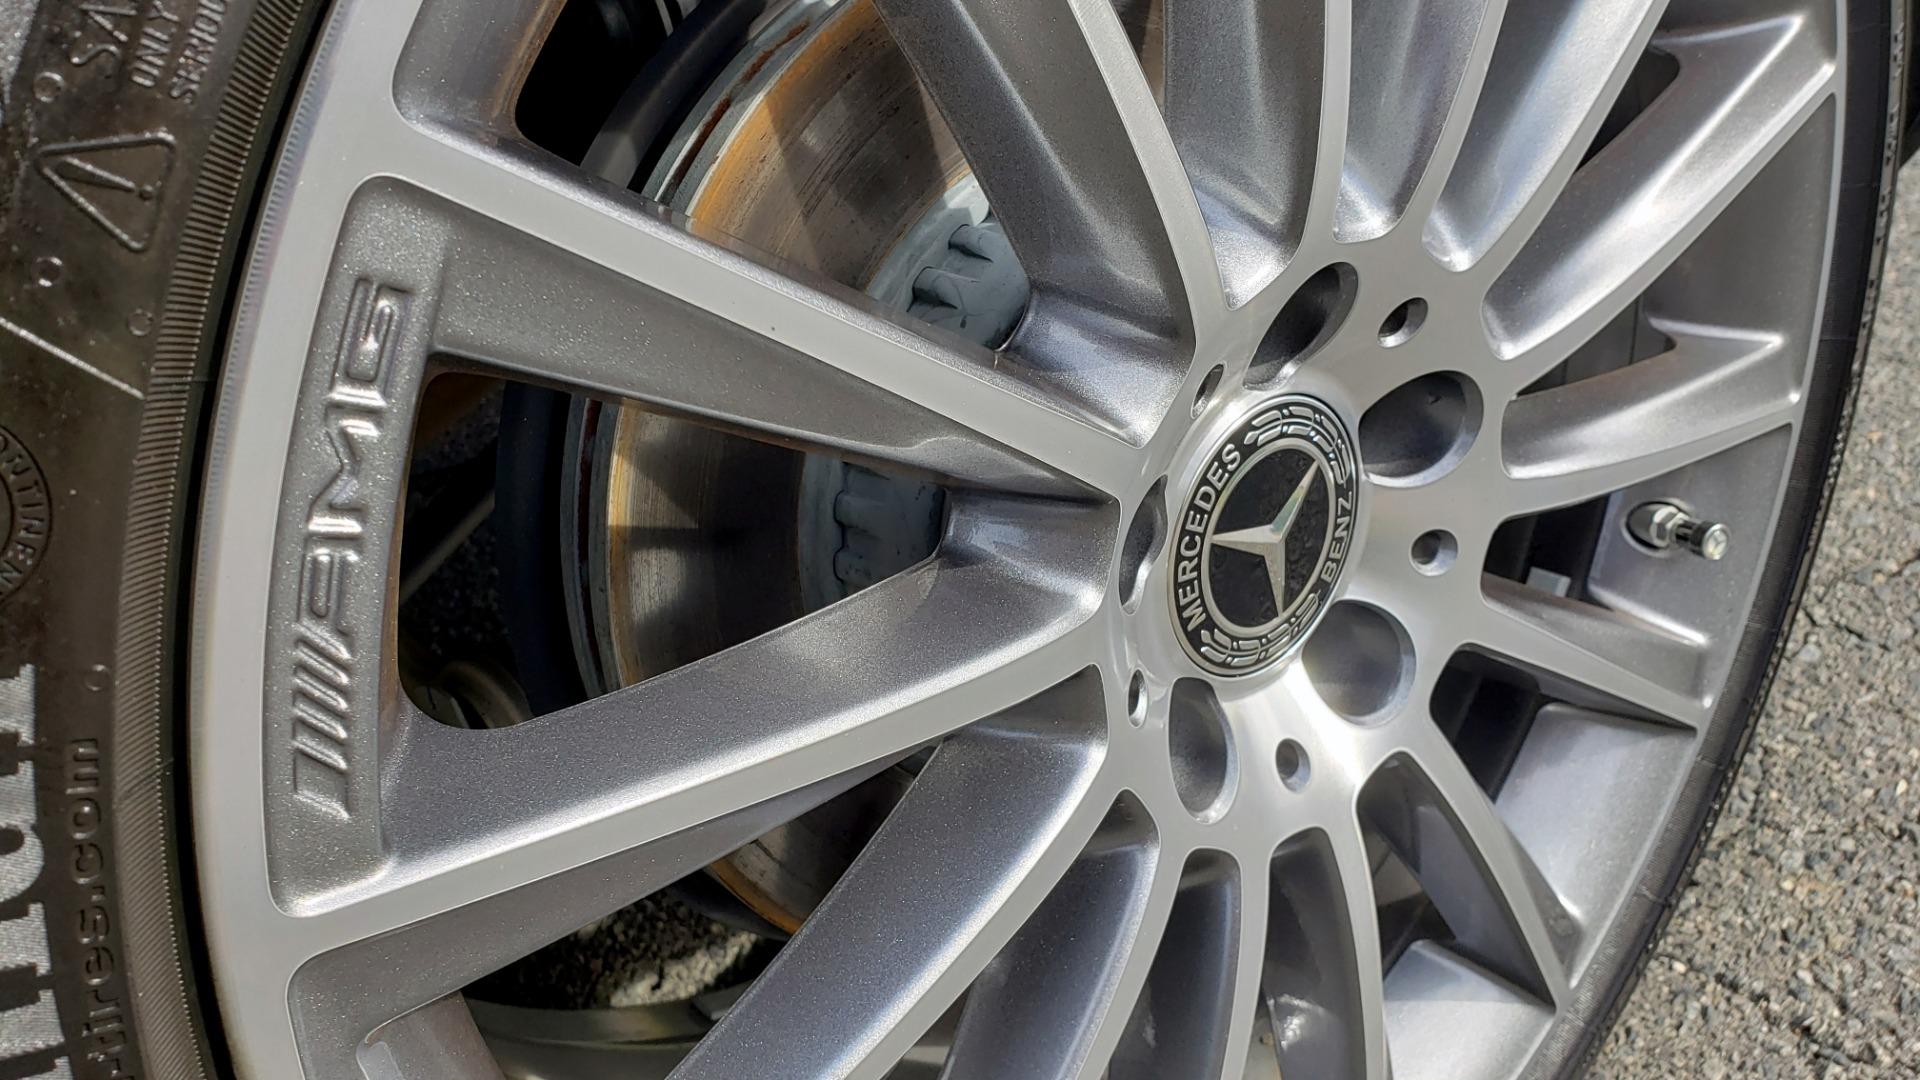 Used 2019 Mercedes-Benz C-CLASS C 300 CABRIOLET / PREM PKG / NAV / BURMESTER / MULTIMEDIA for sale Sold at Formula Imports in Charlotte NC 28227 88